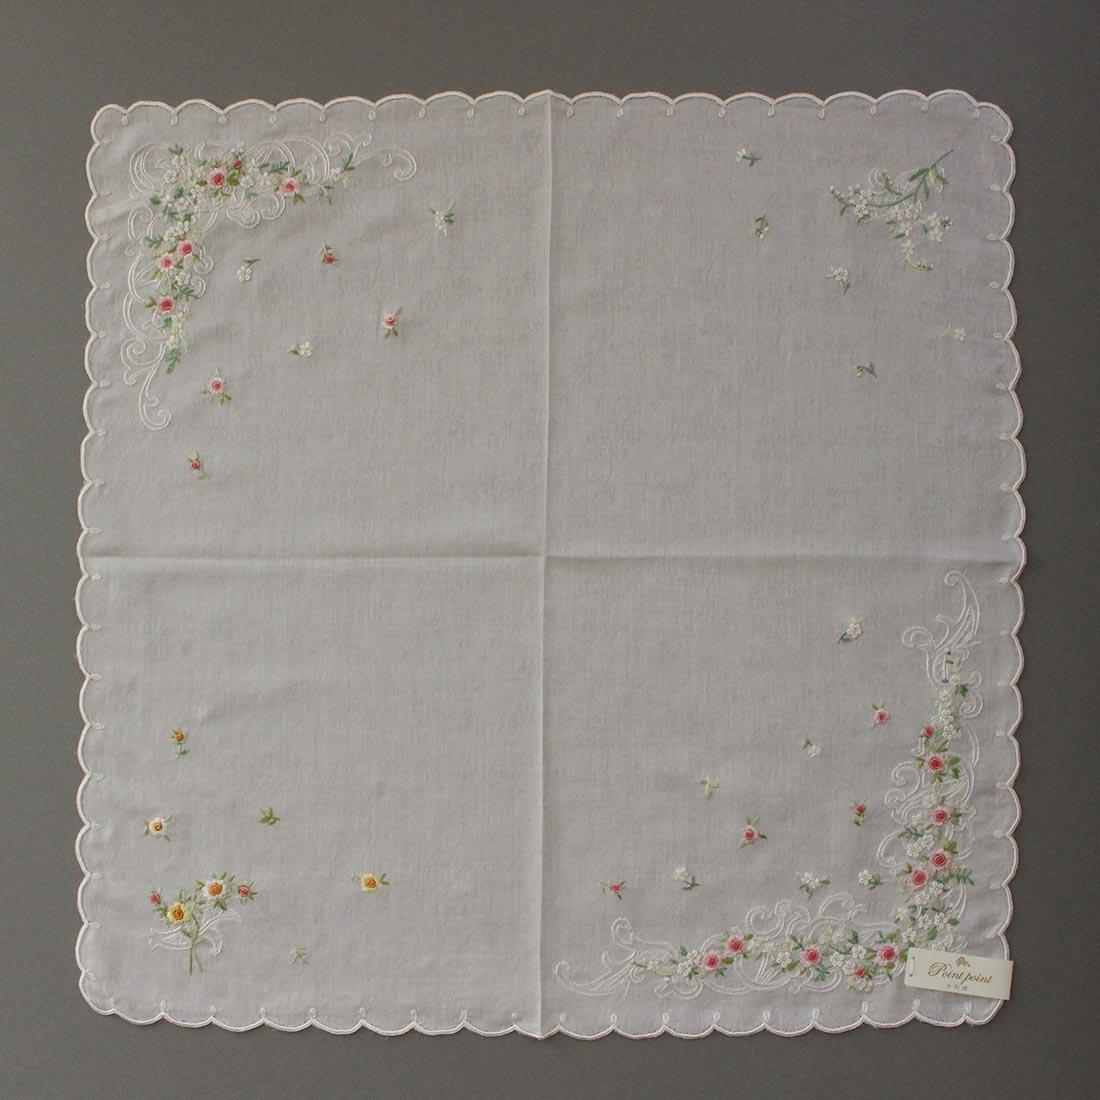 【送料無料】ベトナム手刺繍ハンカチ 花 2216 グレー